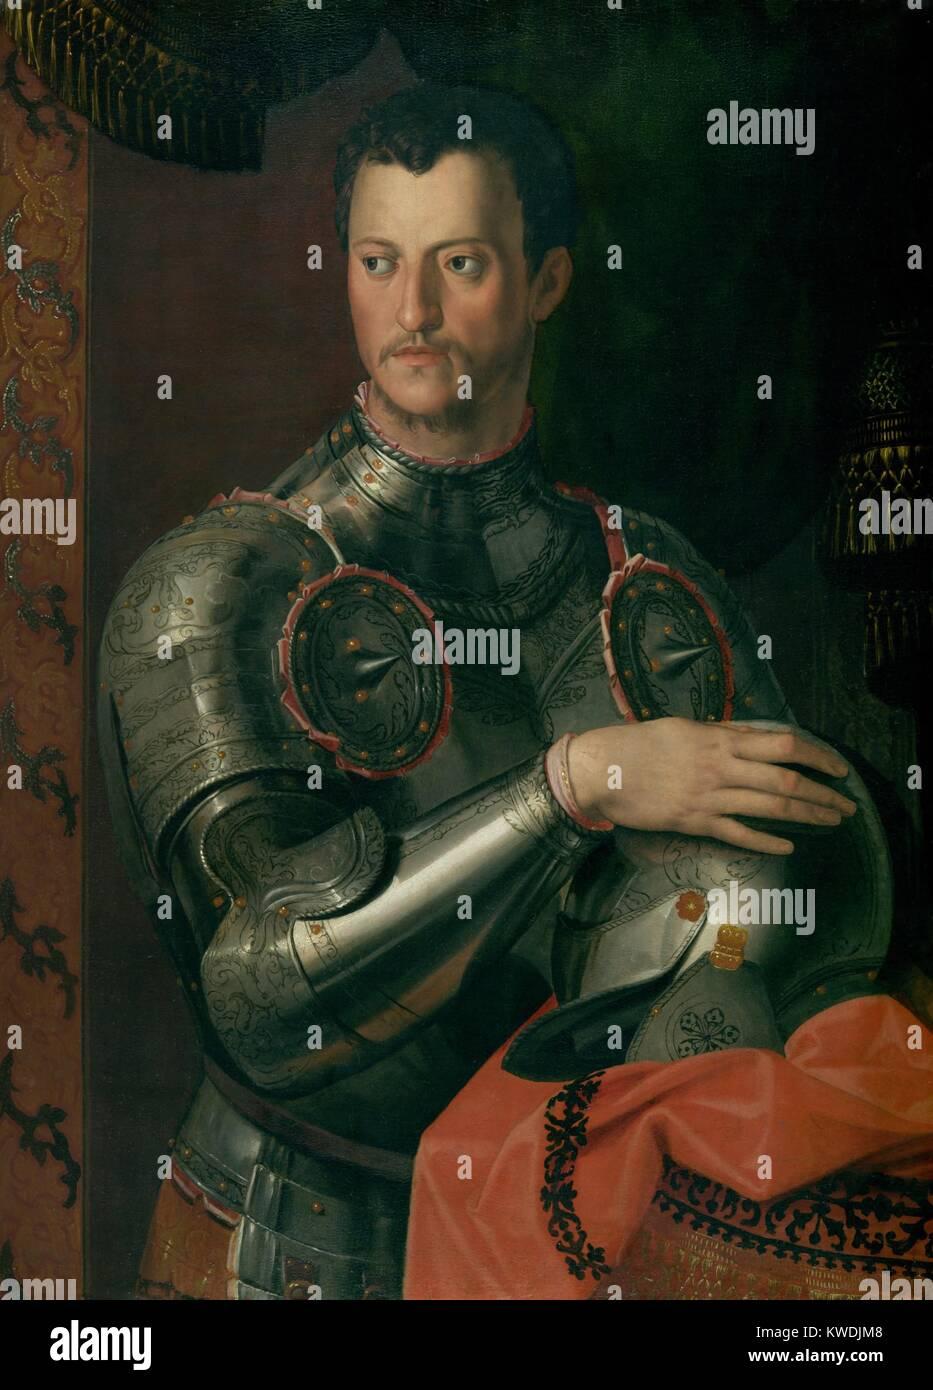 COSINO I DE' MEDICI, die Werkstatt von Bronzino, 1550-74, italienische Renaissance Malerei, Öl auf Holz. Cosimo aufgestiegen, wenn der Herzog von Florenz, Alessandro de Medici, 1537 ermordet wurde. In Italien wurde von den regionalen und internationalen Krieg während die meisten seiner 34 Jahre Regel (BSLOC_2017_16_85) gestört Stockfoto